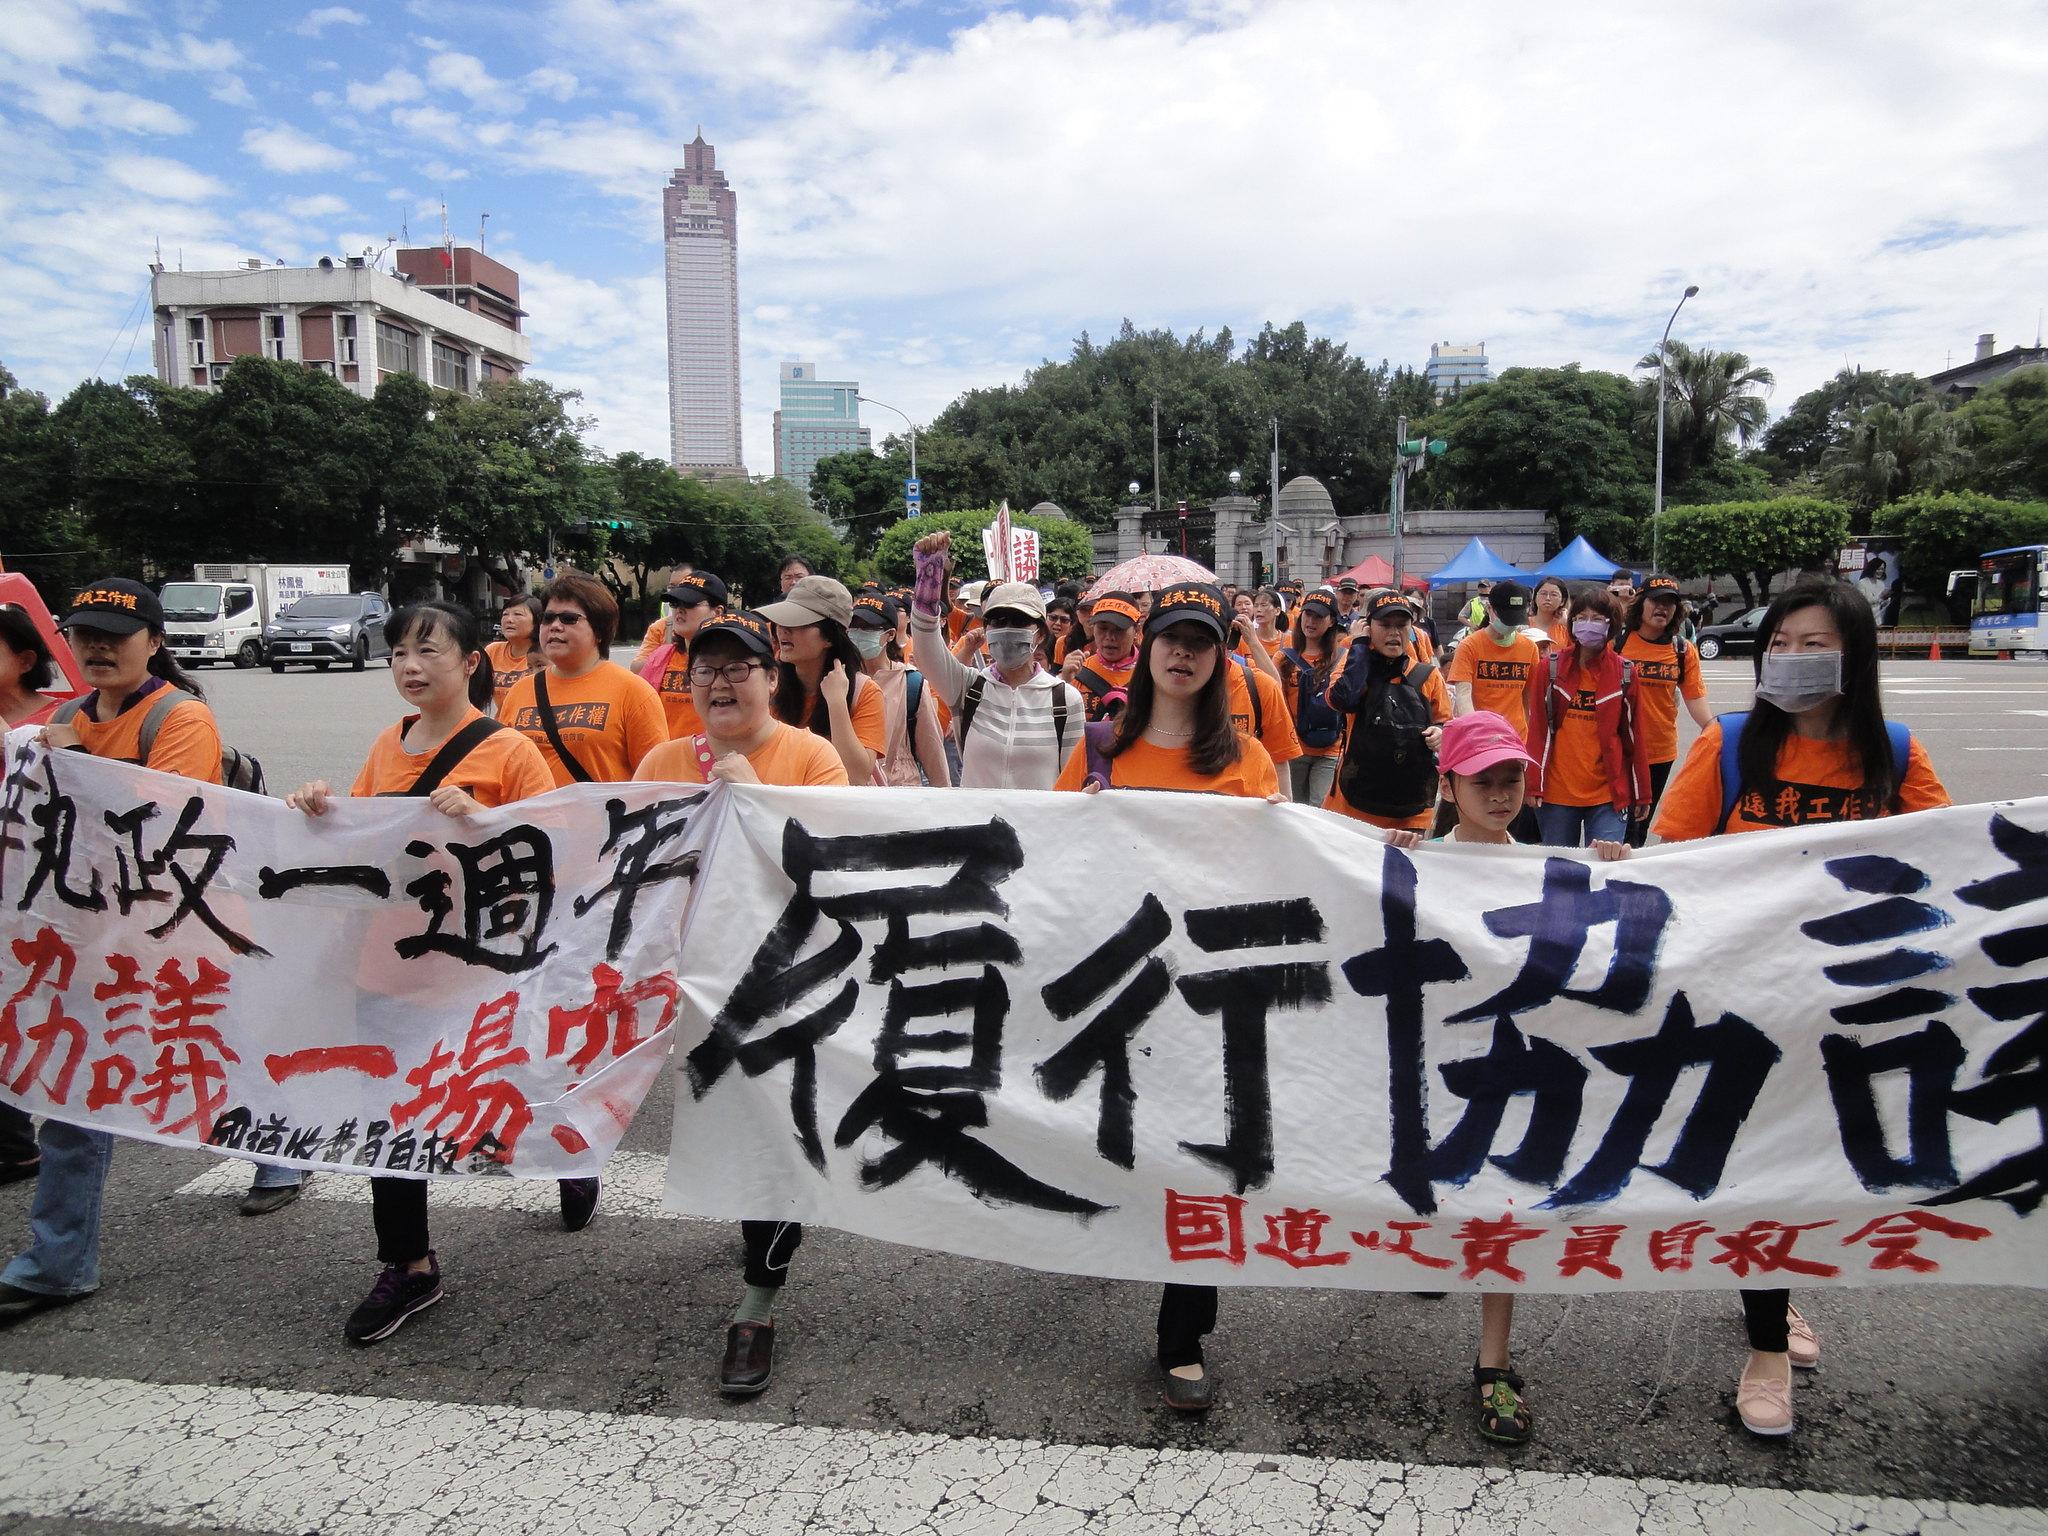 國道收費員自救會動員百人上凱道抗議。(攝影:張智琦)